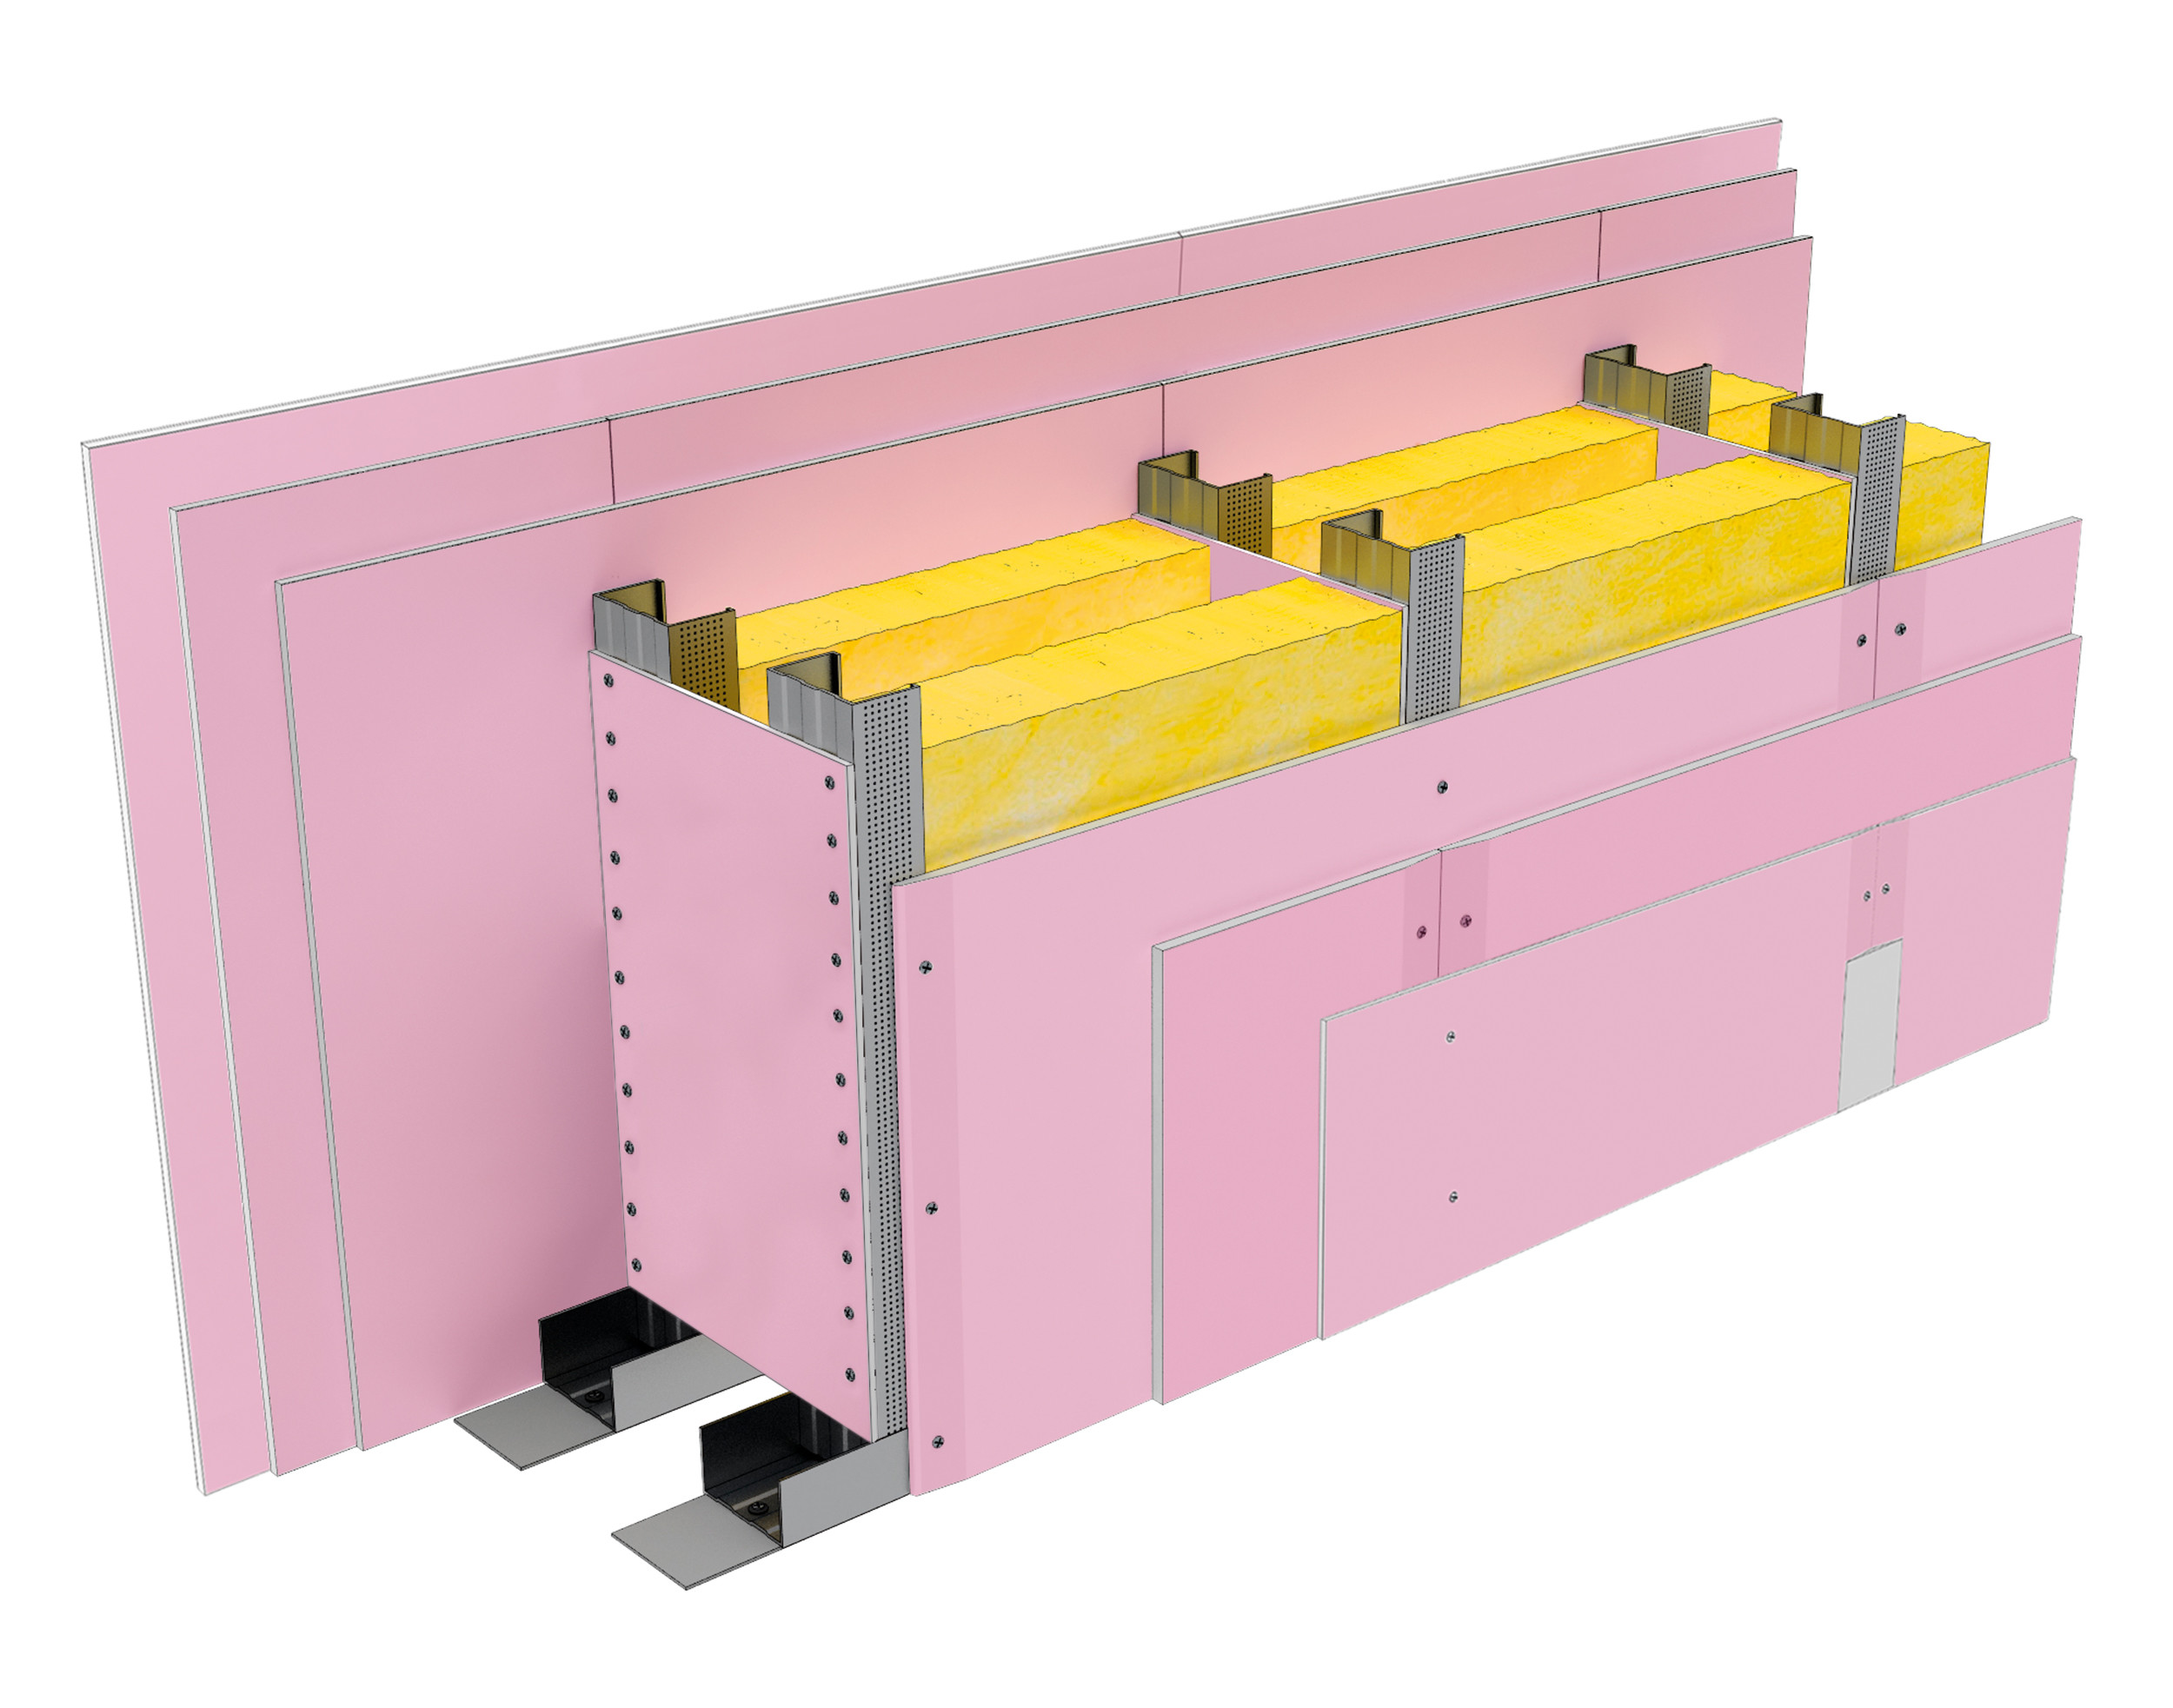 Perete SL300, CW75@60, 2x3 FLAM PLUS 12.5 + MW